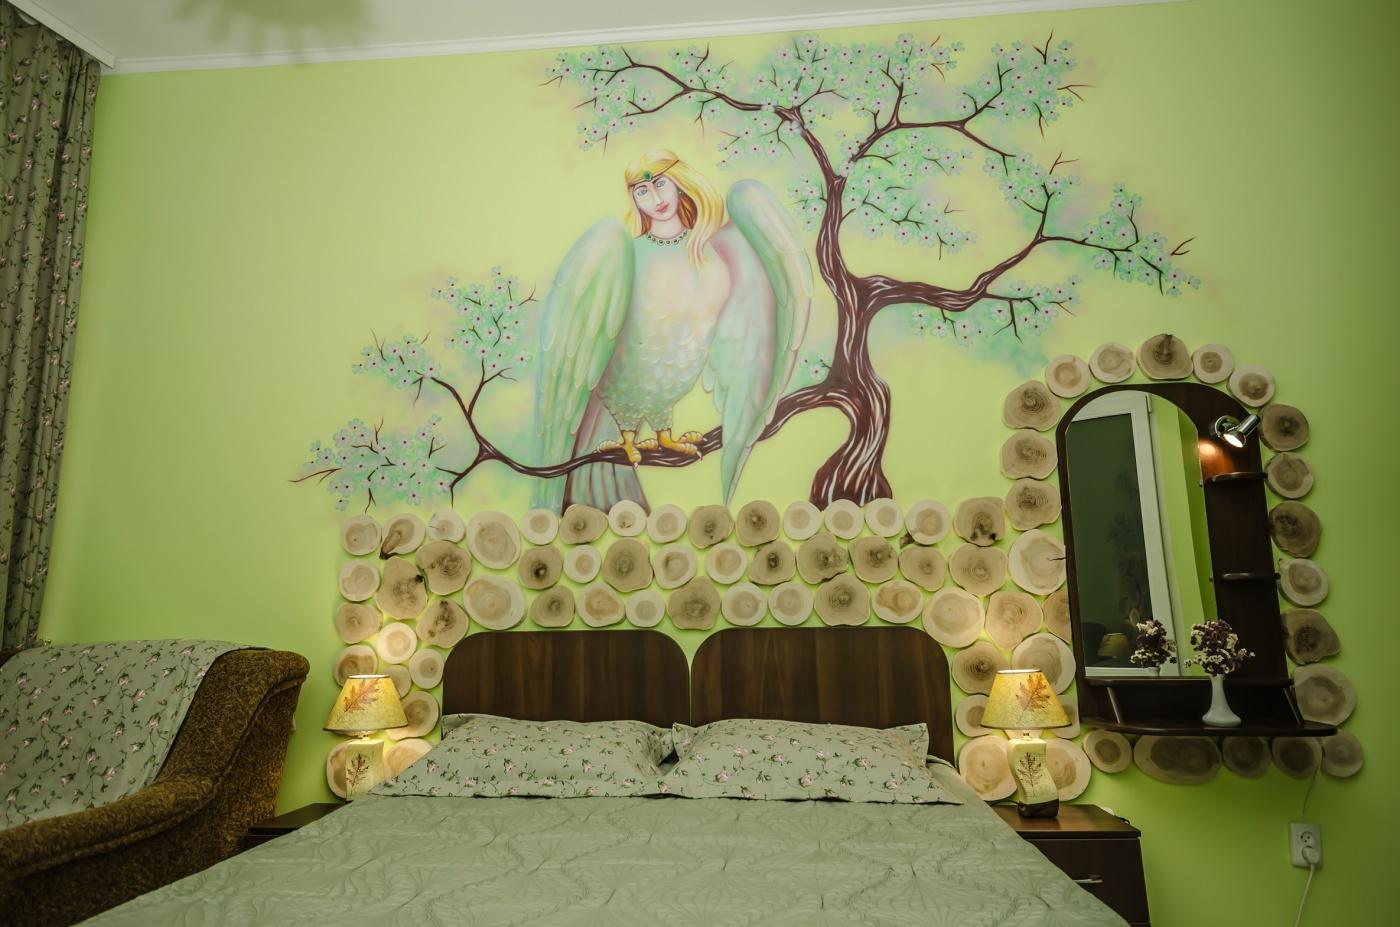 Гостевой дом «Гринвич» Республика Крым Стандарт в эко-стиле, фото 2